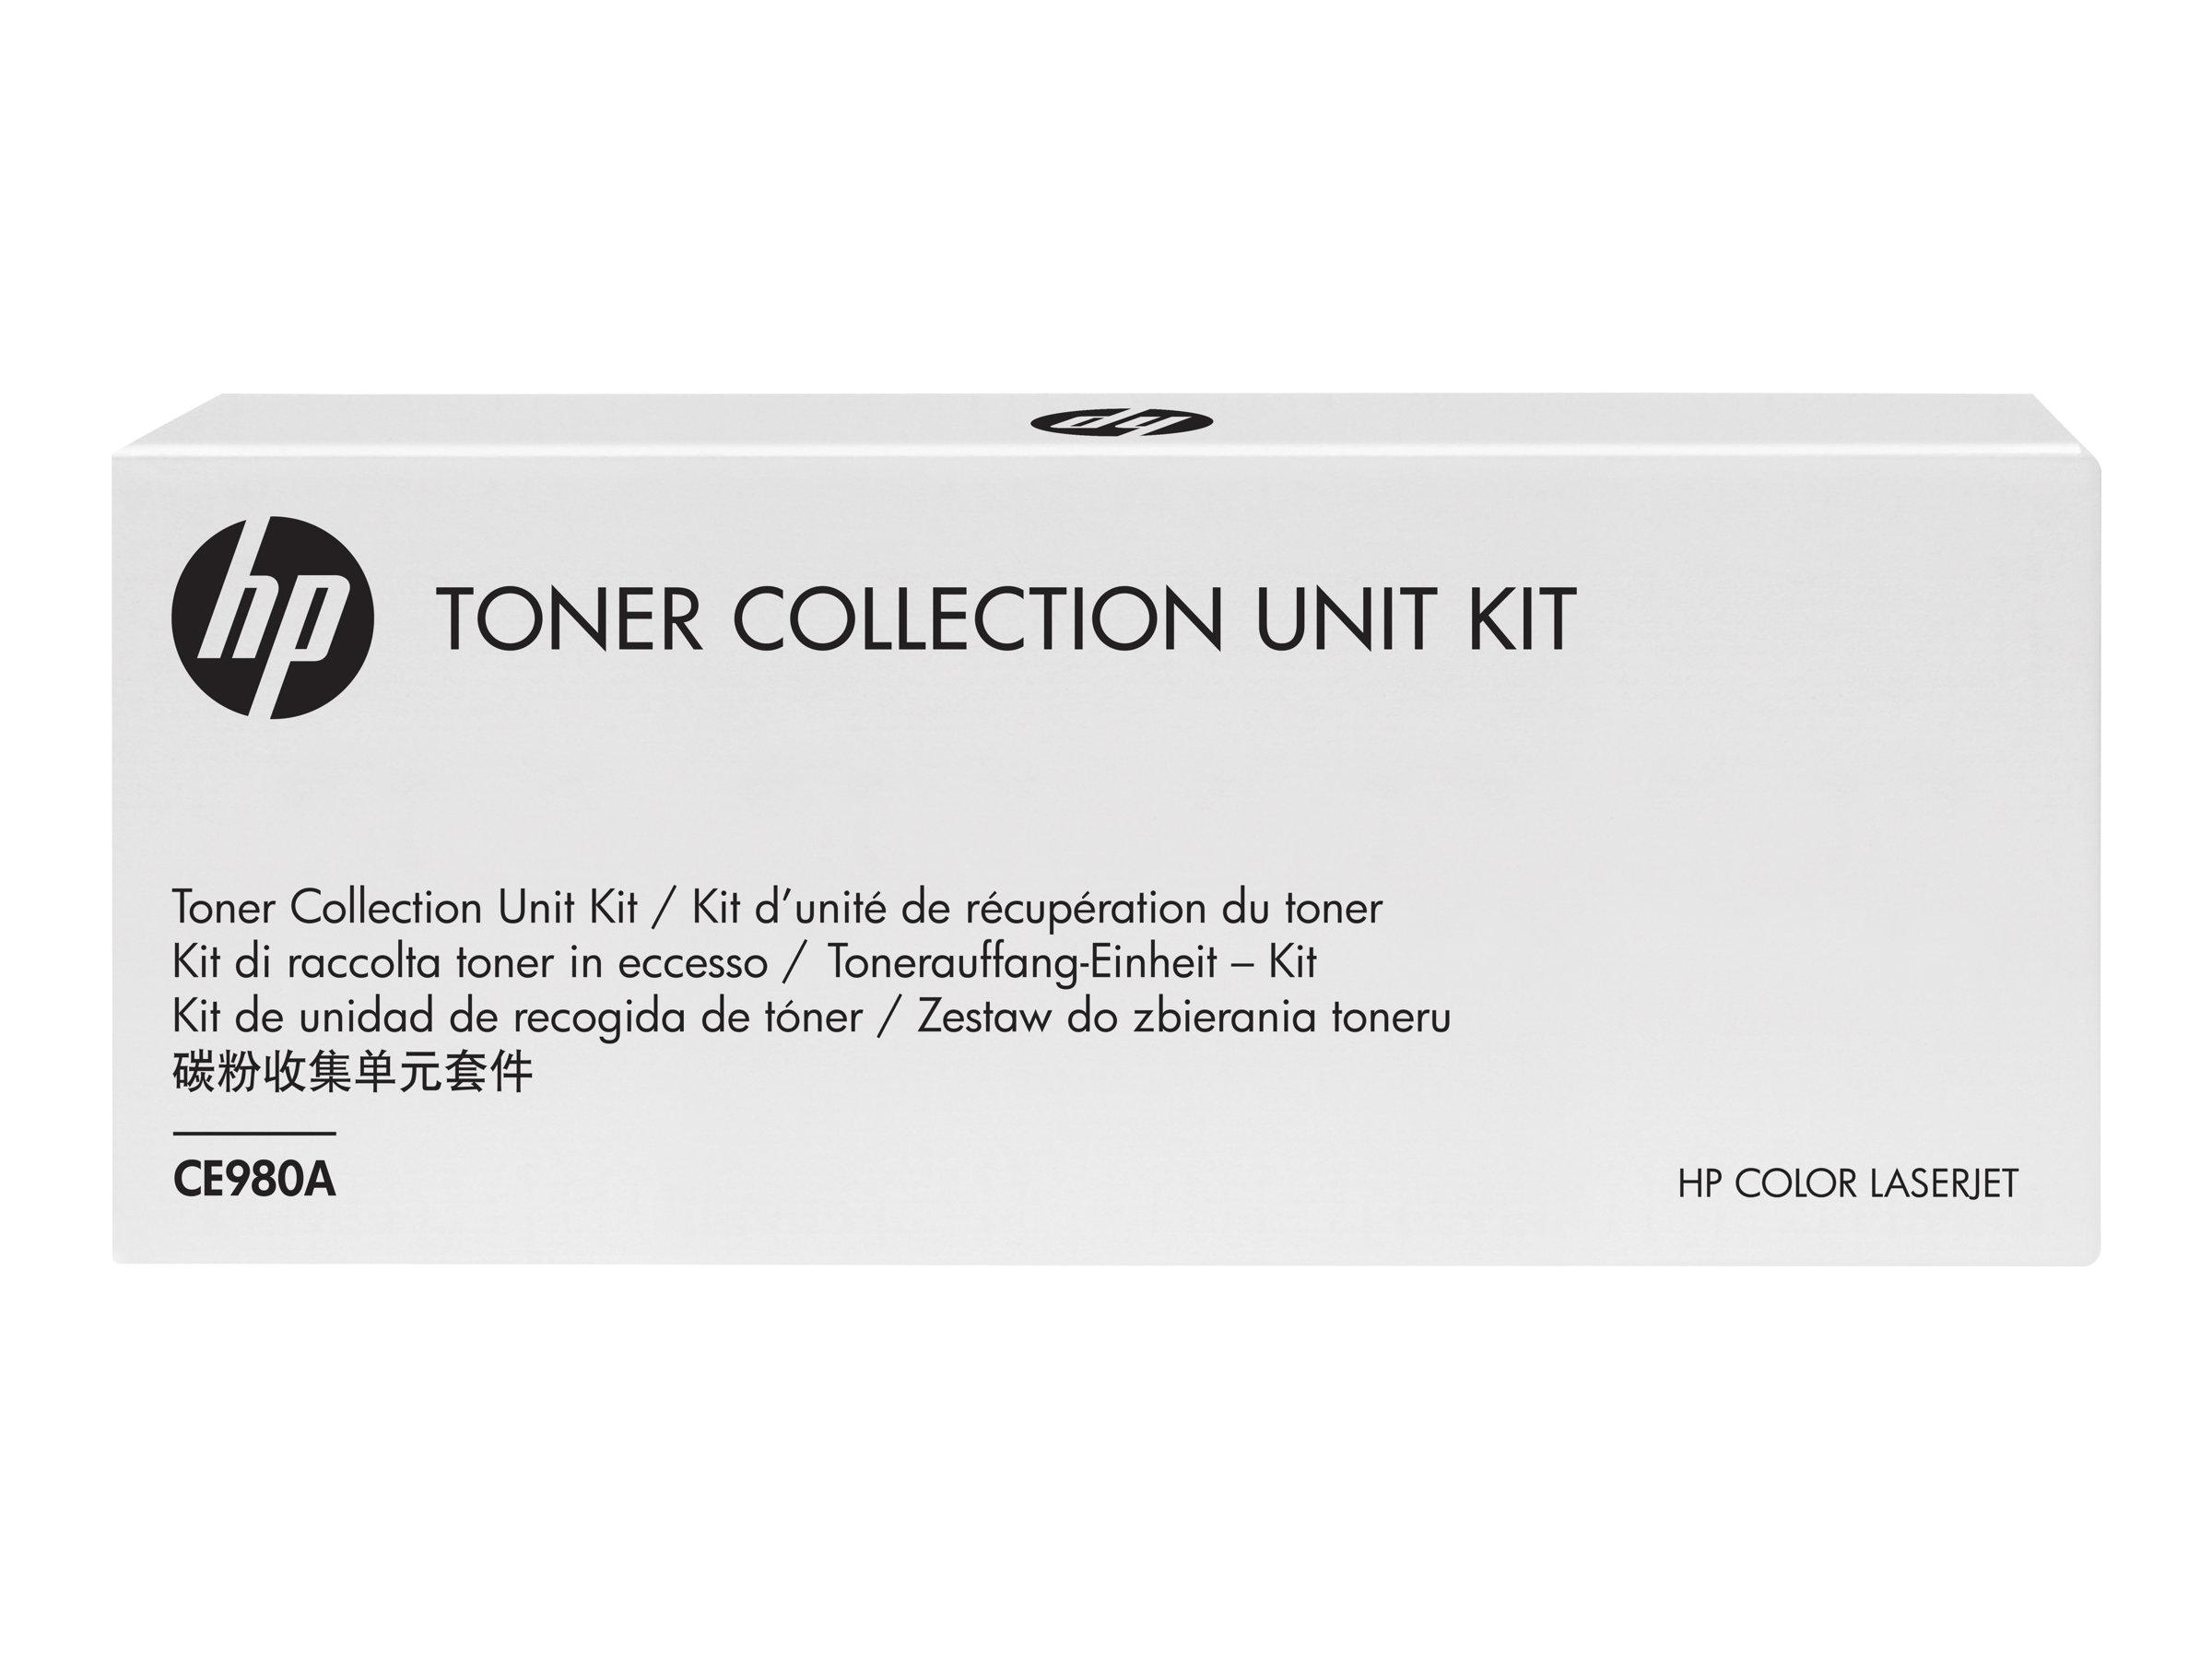 HP Tonersammelbehälter ca 150.000 Seiten für HP M775